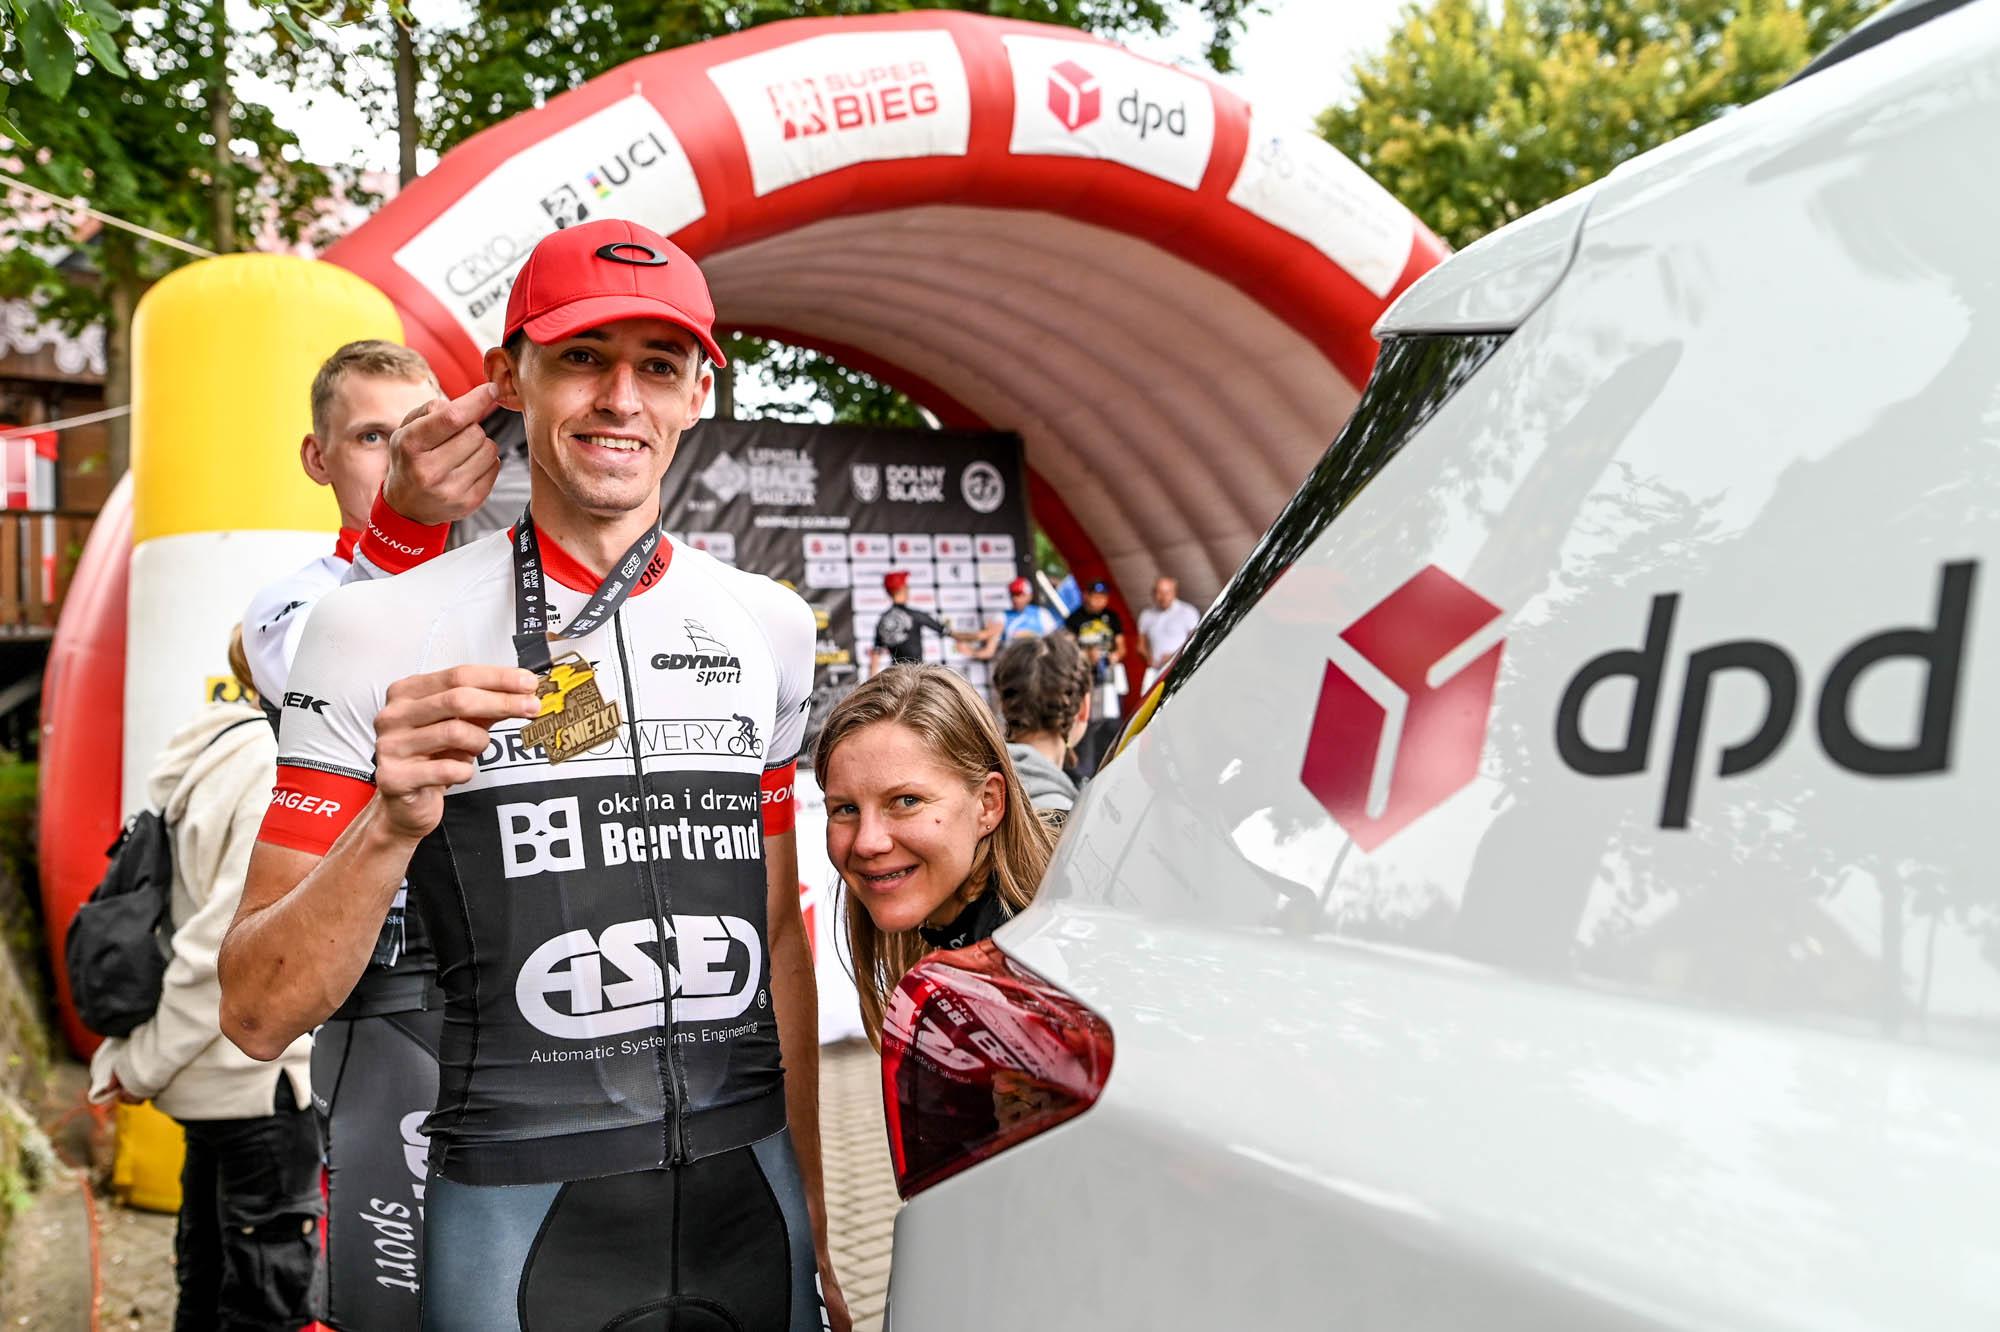 Łukasz Derheld wygrywa XXXI Uphill Race Śnieżka